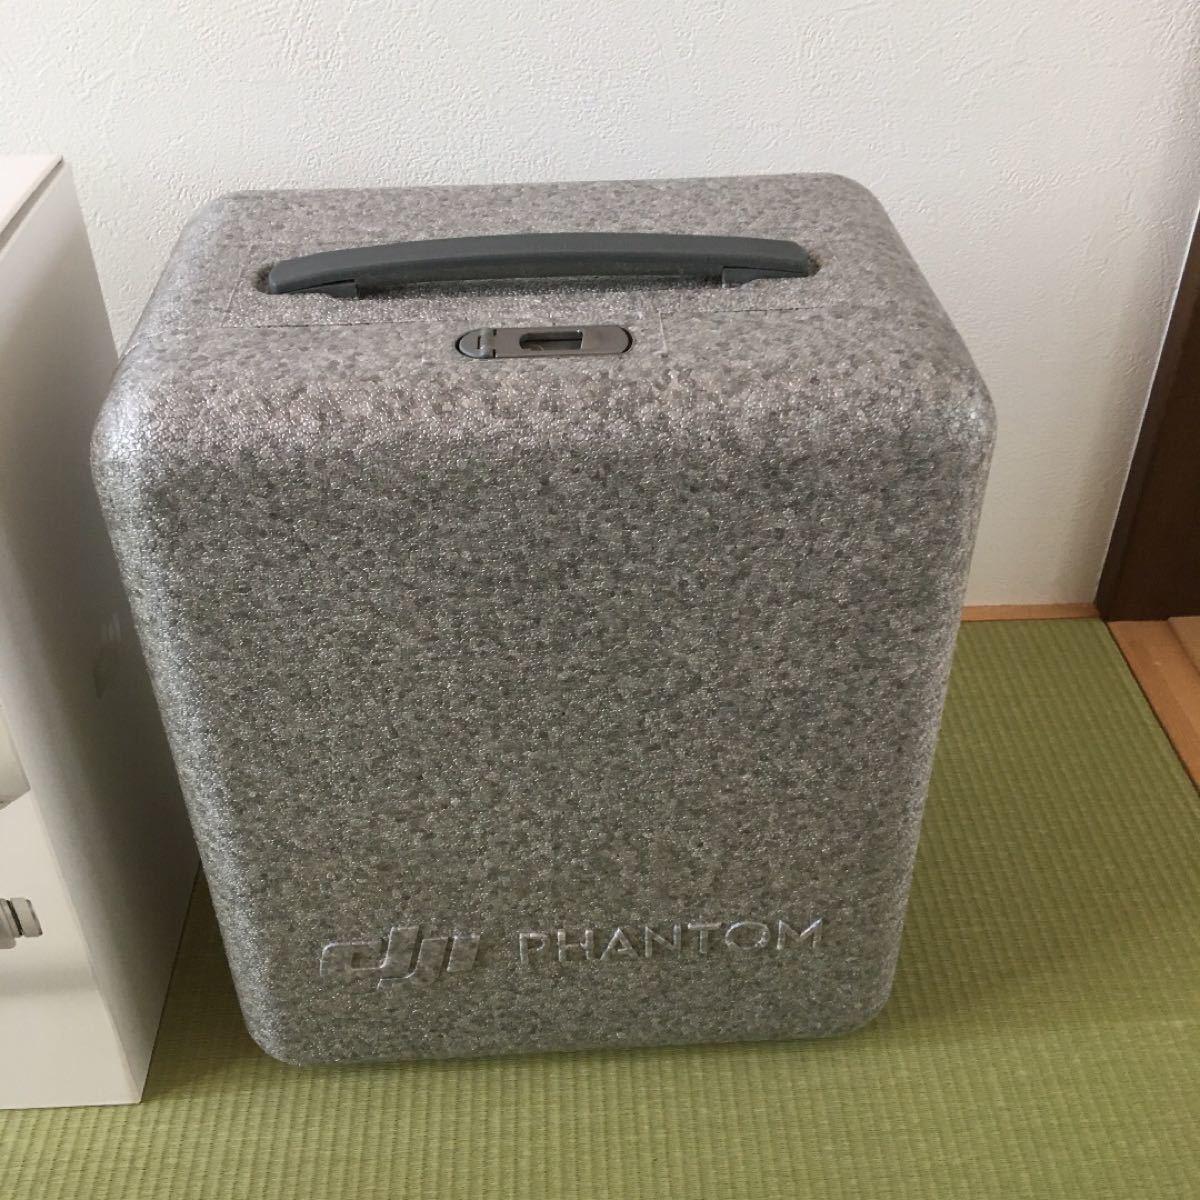 DJI  ファントム4空箱とマシン入れボックス